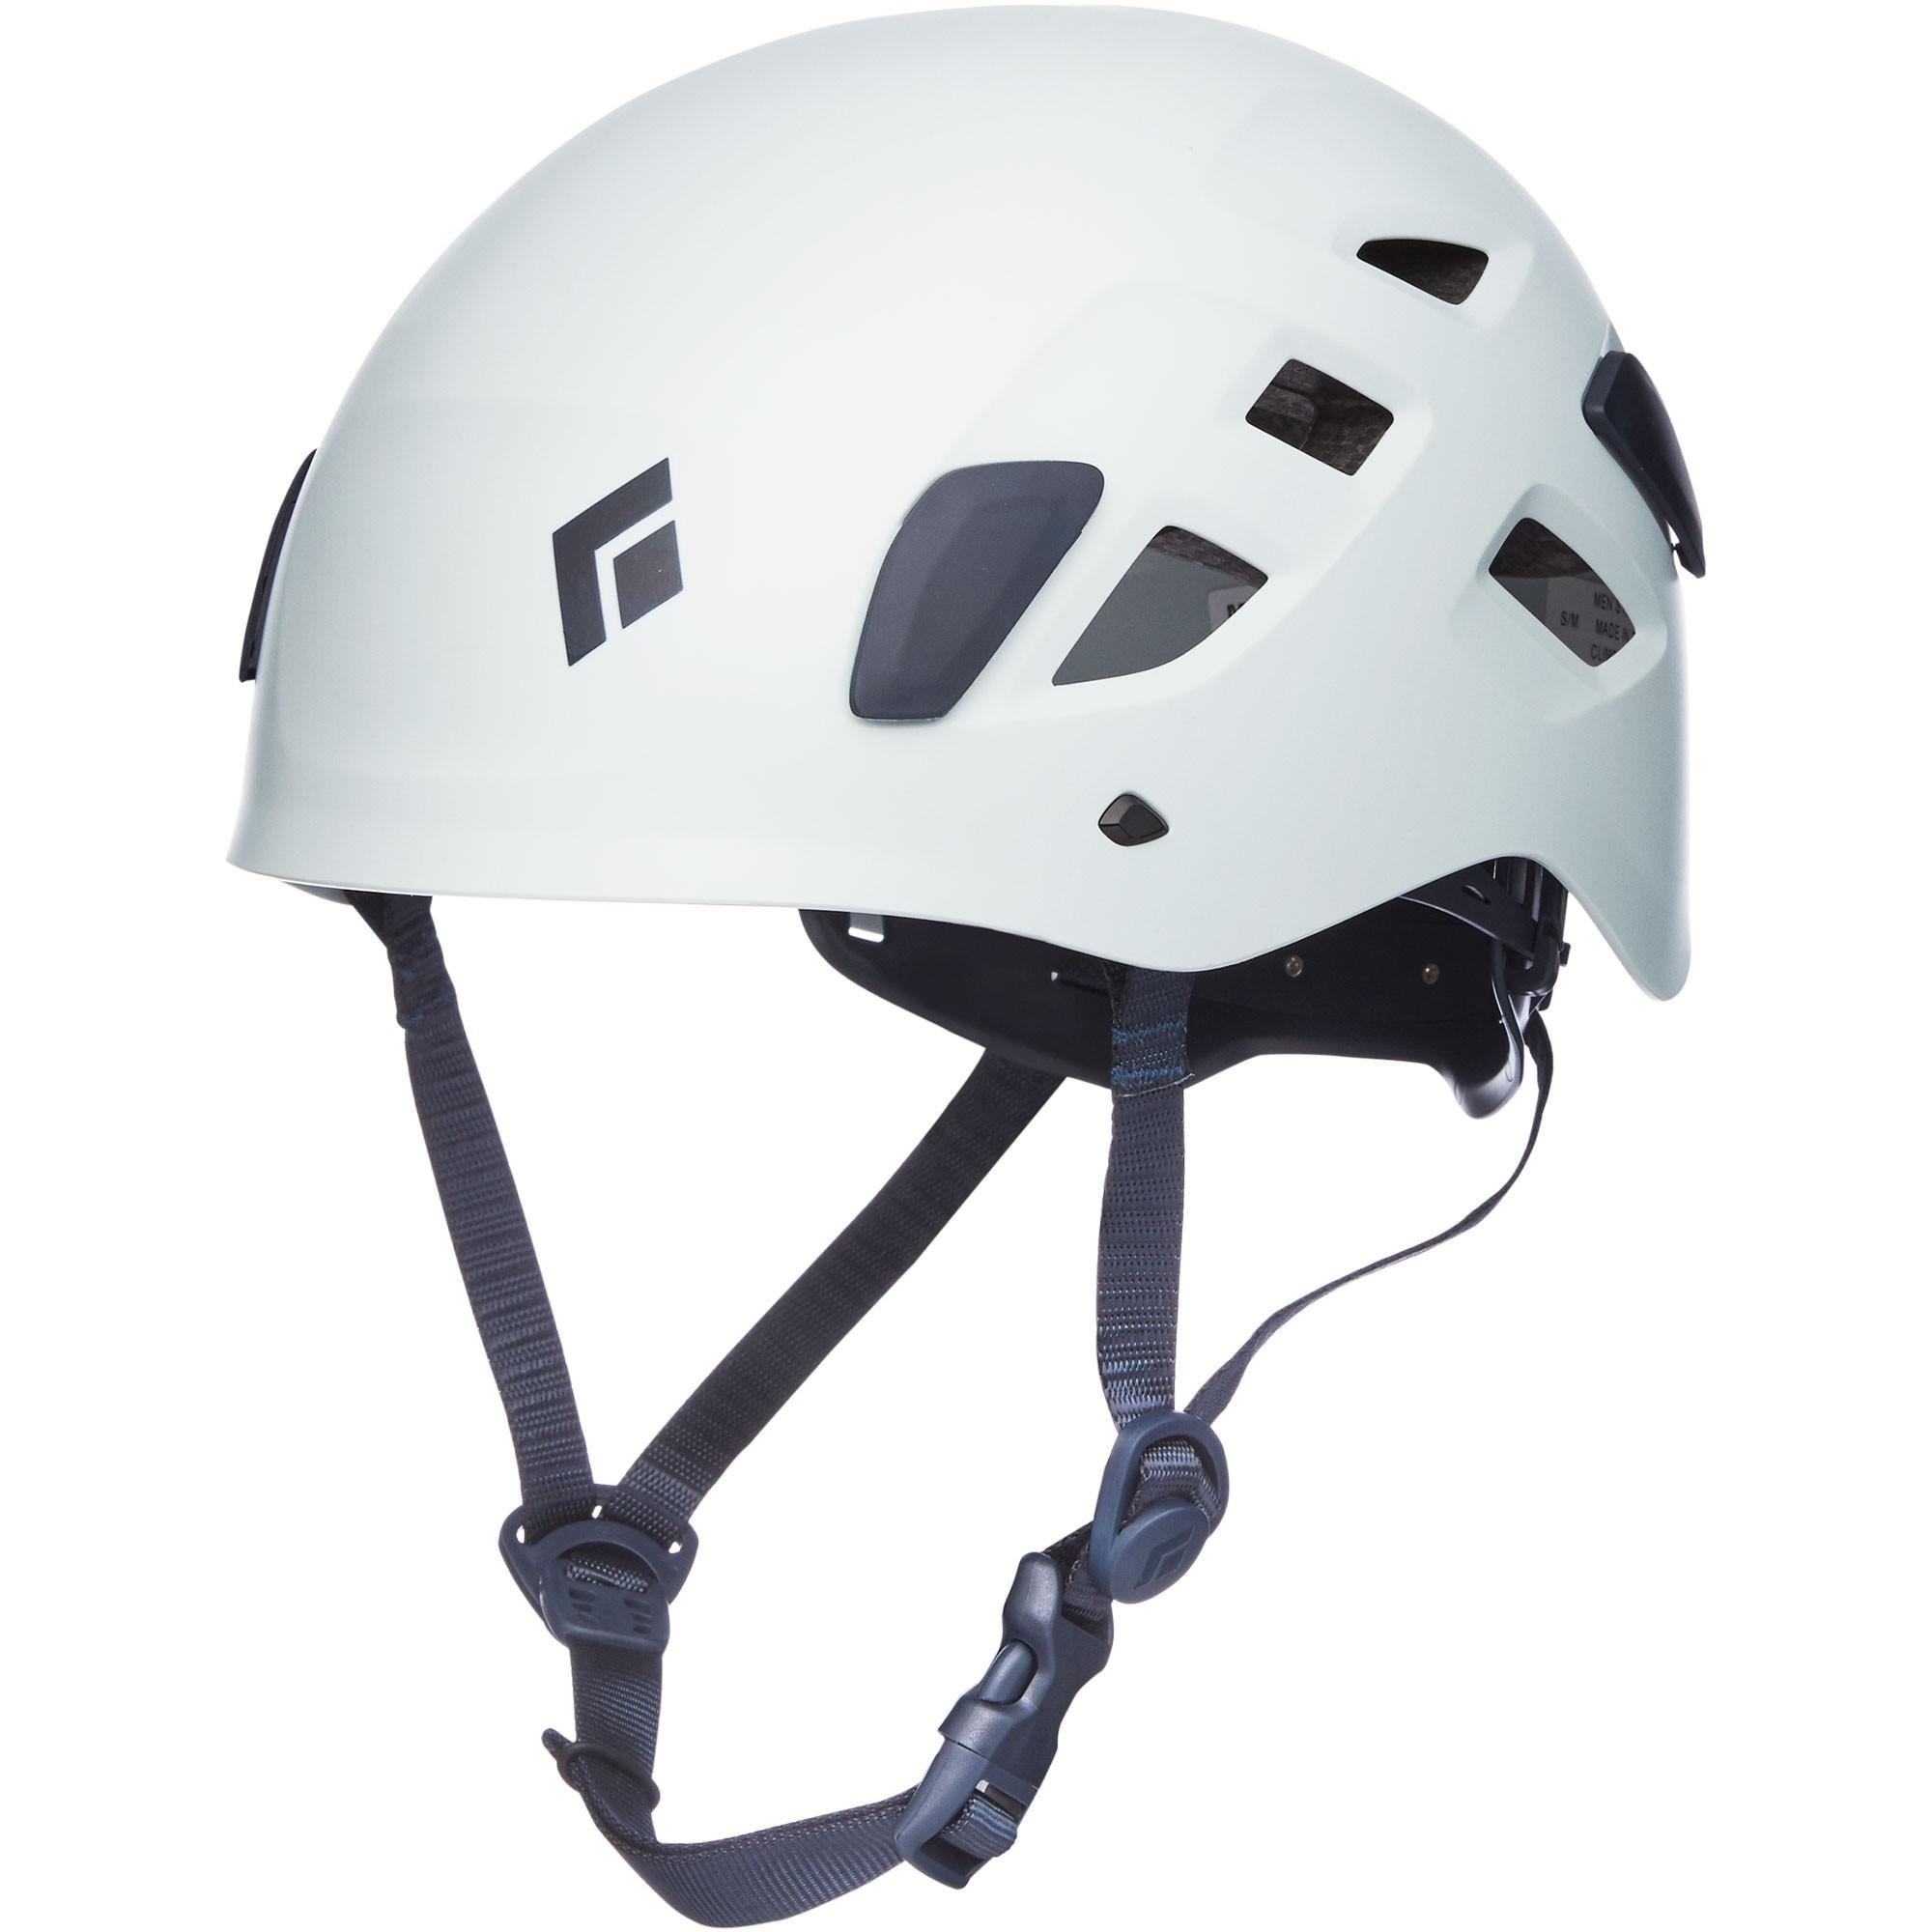 BLACK DIAMOND - Half Dome Helmet - Rain